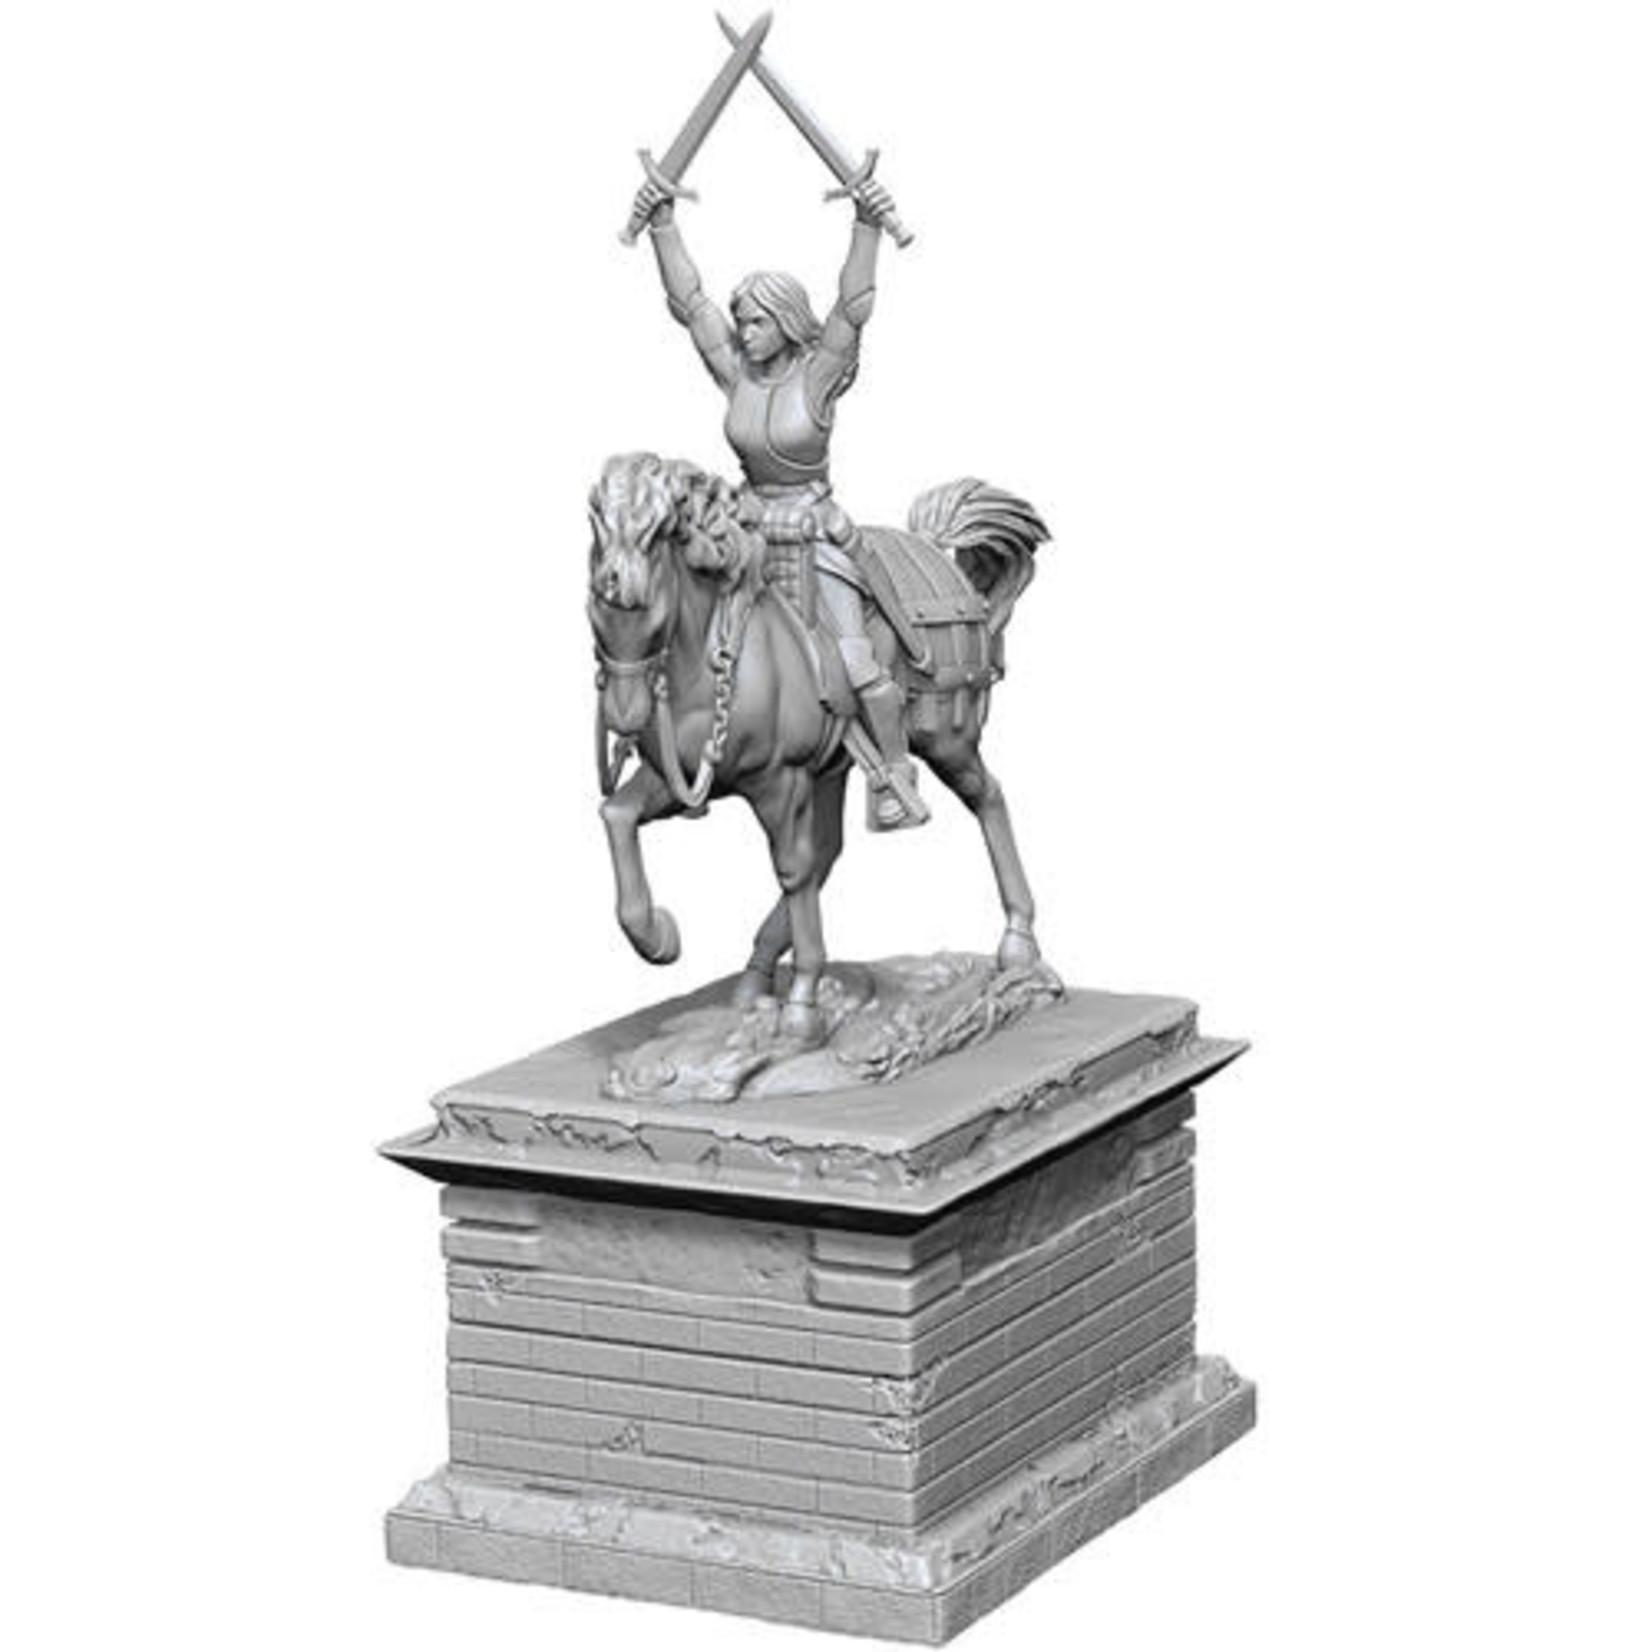 D&D Unpainted Minis: Heroic Statue (Wave 10)